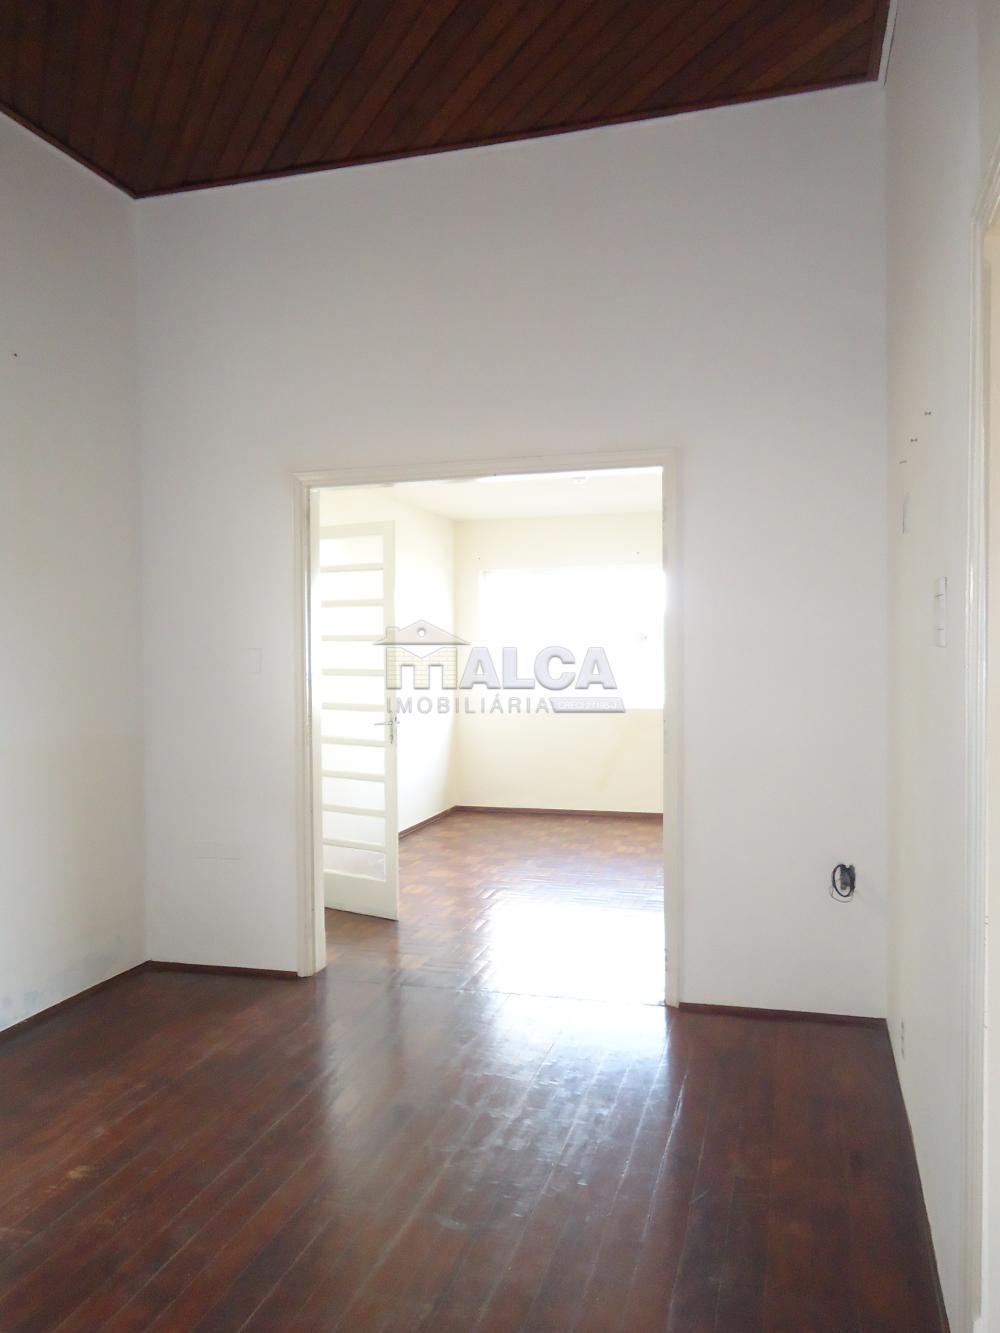 Alugar Casas / Padrão em São José do Rio Pardo R$ 1.700,00 - Foto 10